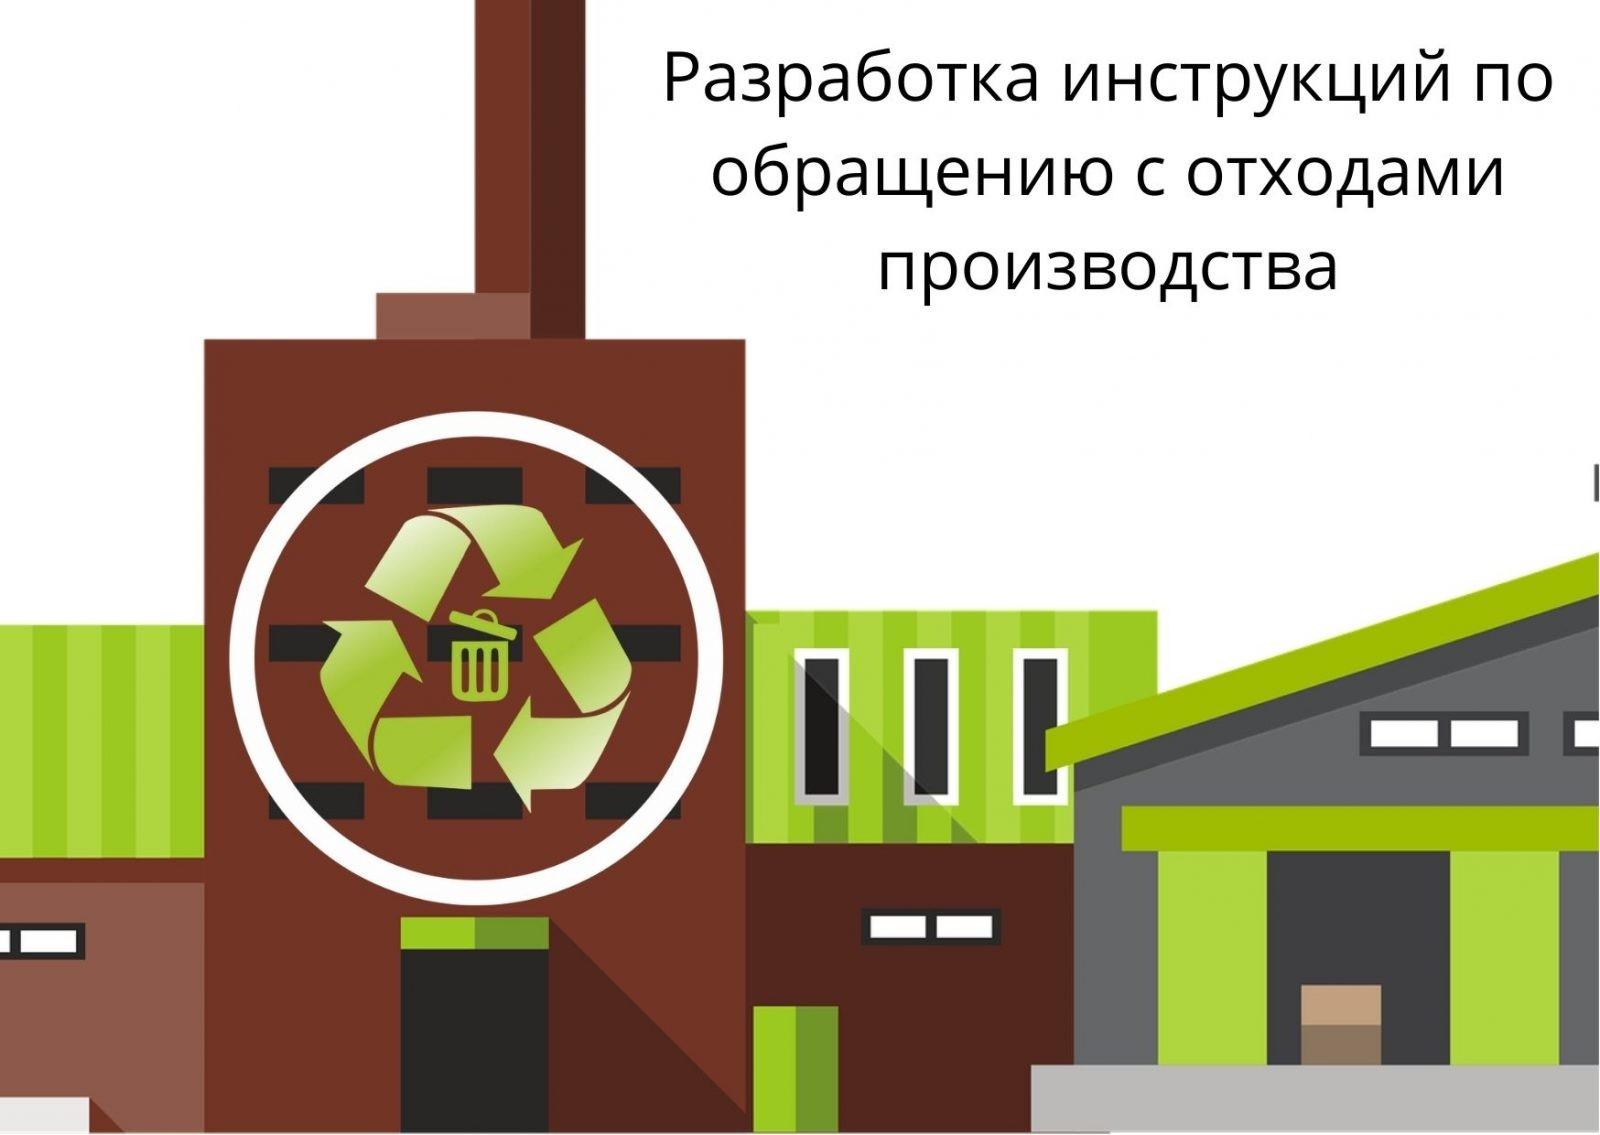 Разработка инструкций по обращению с отходами производства   gorodnichy